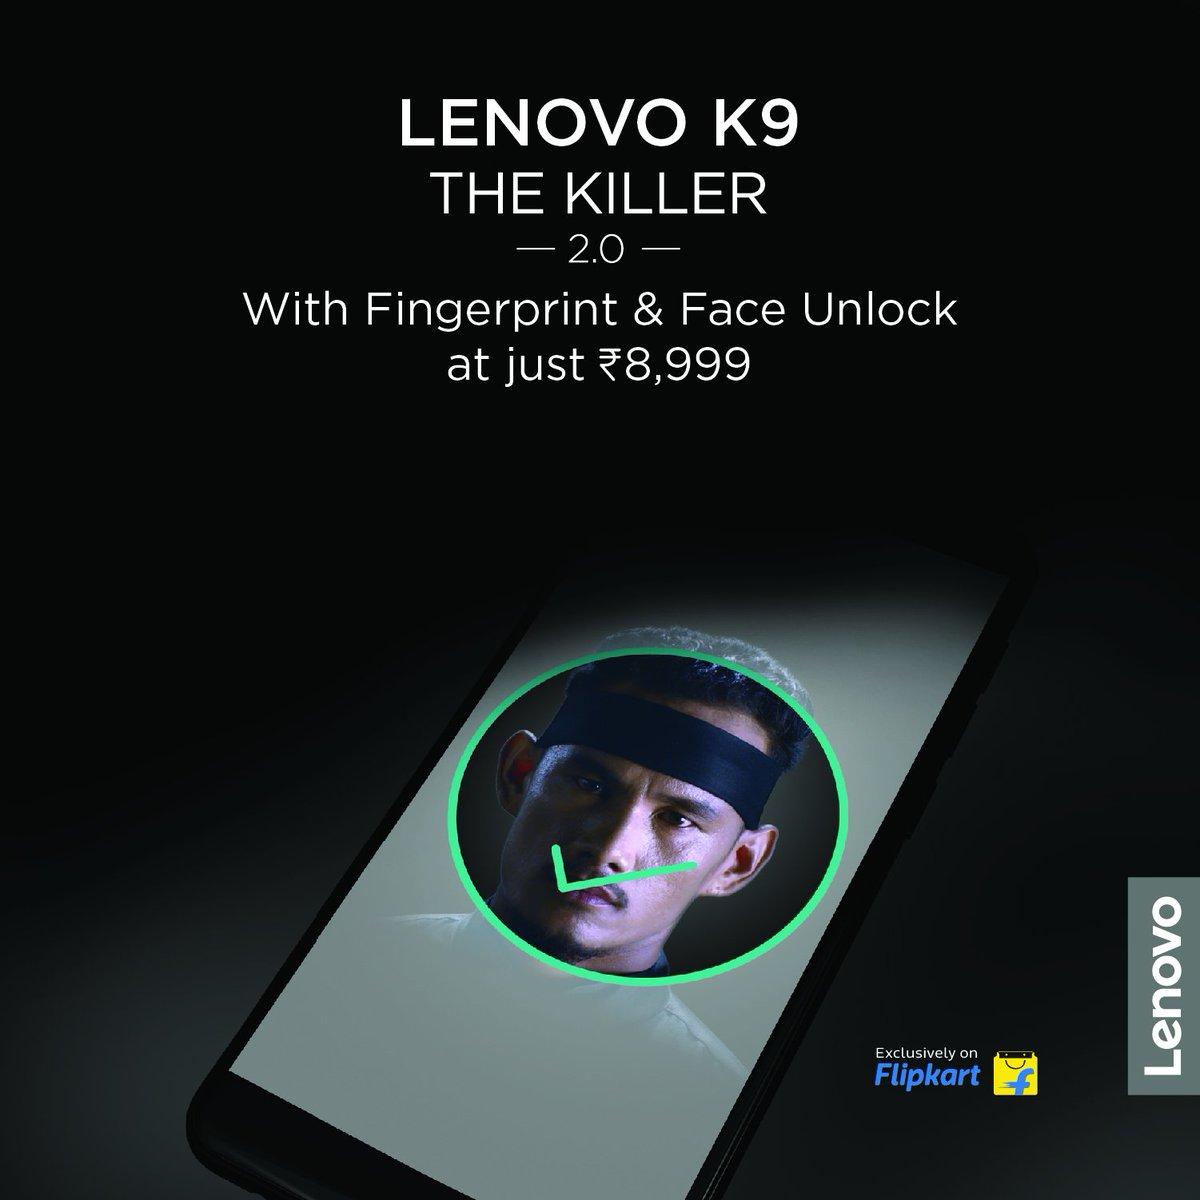 lenovo killer 2 0